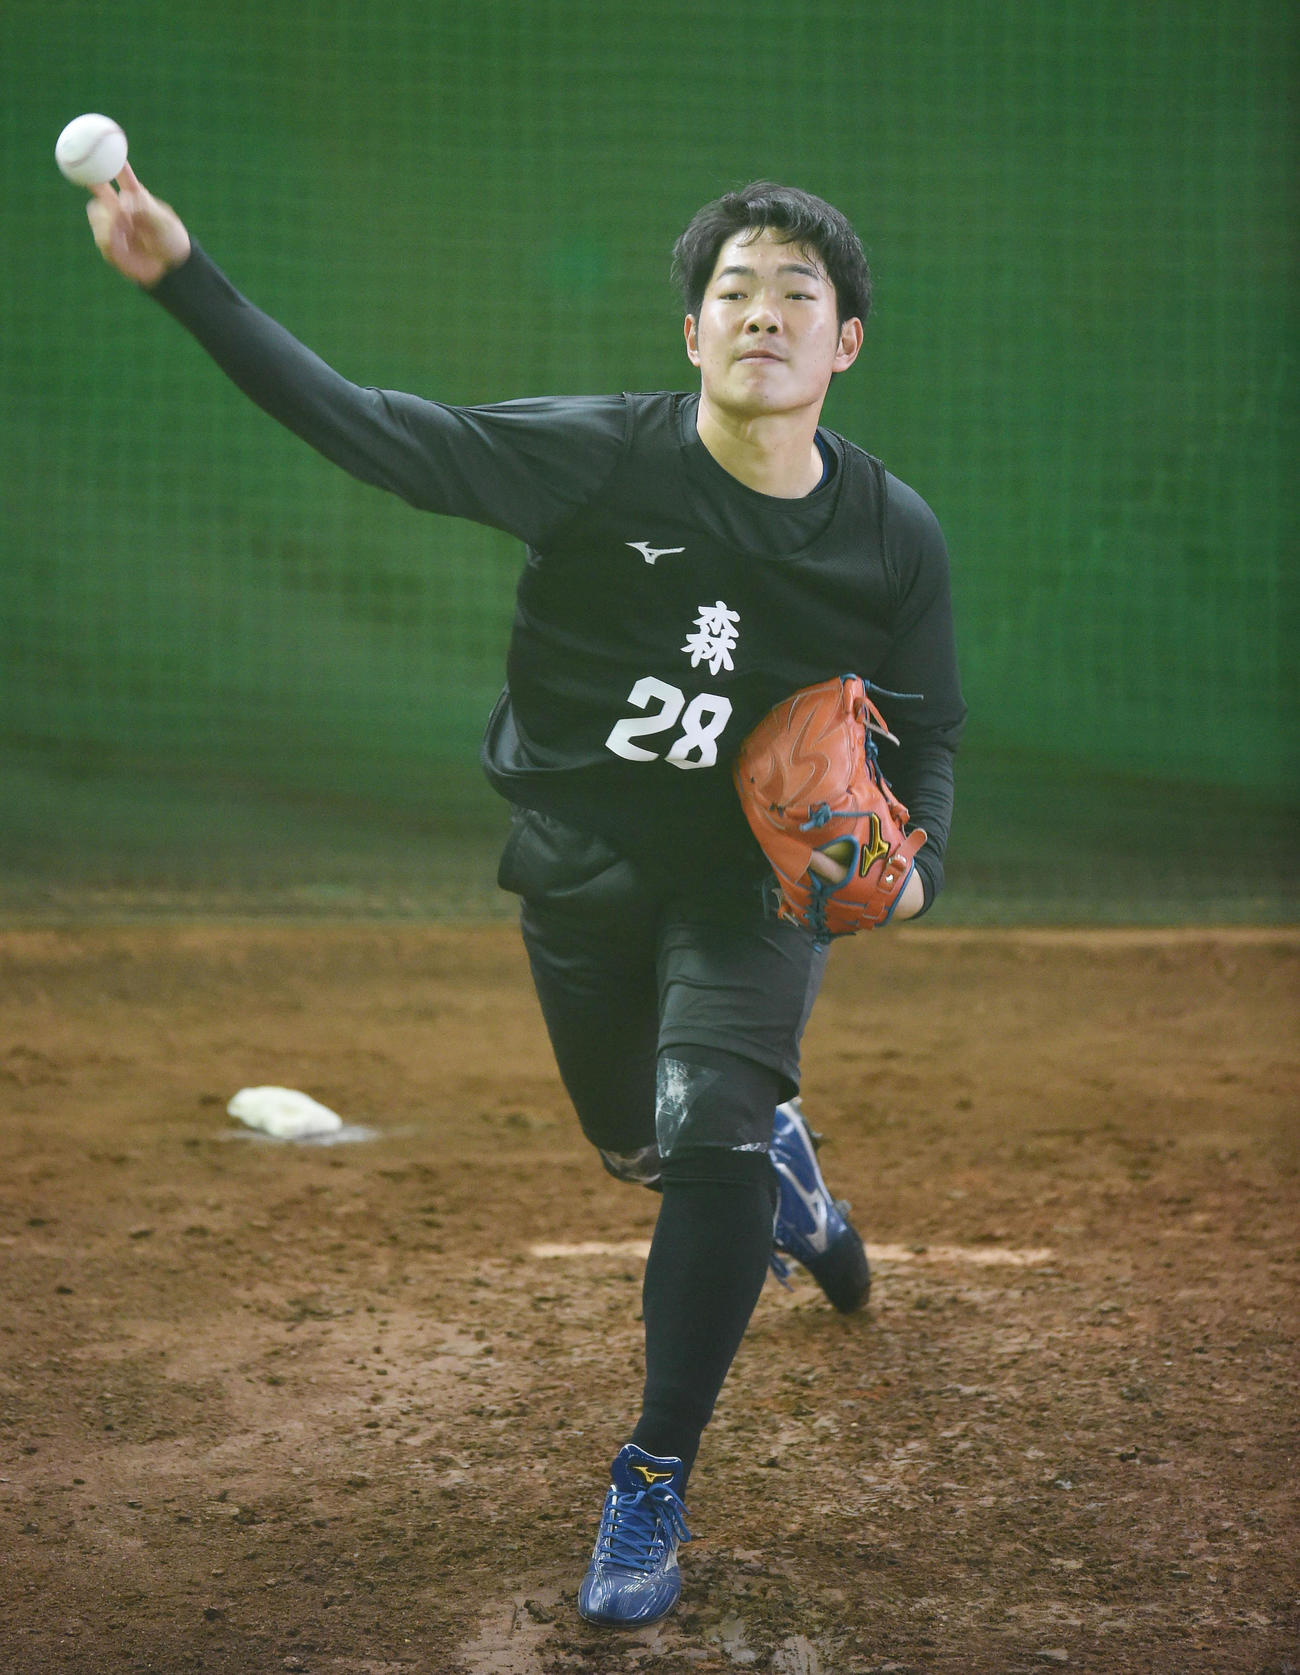 ブルペンで投球練習をする中日のルーキー森(撮影・森本幸一)